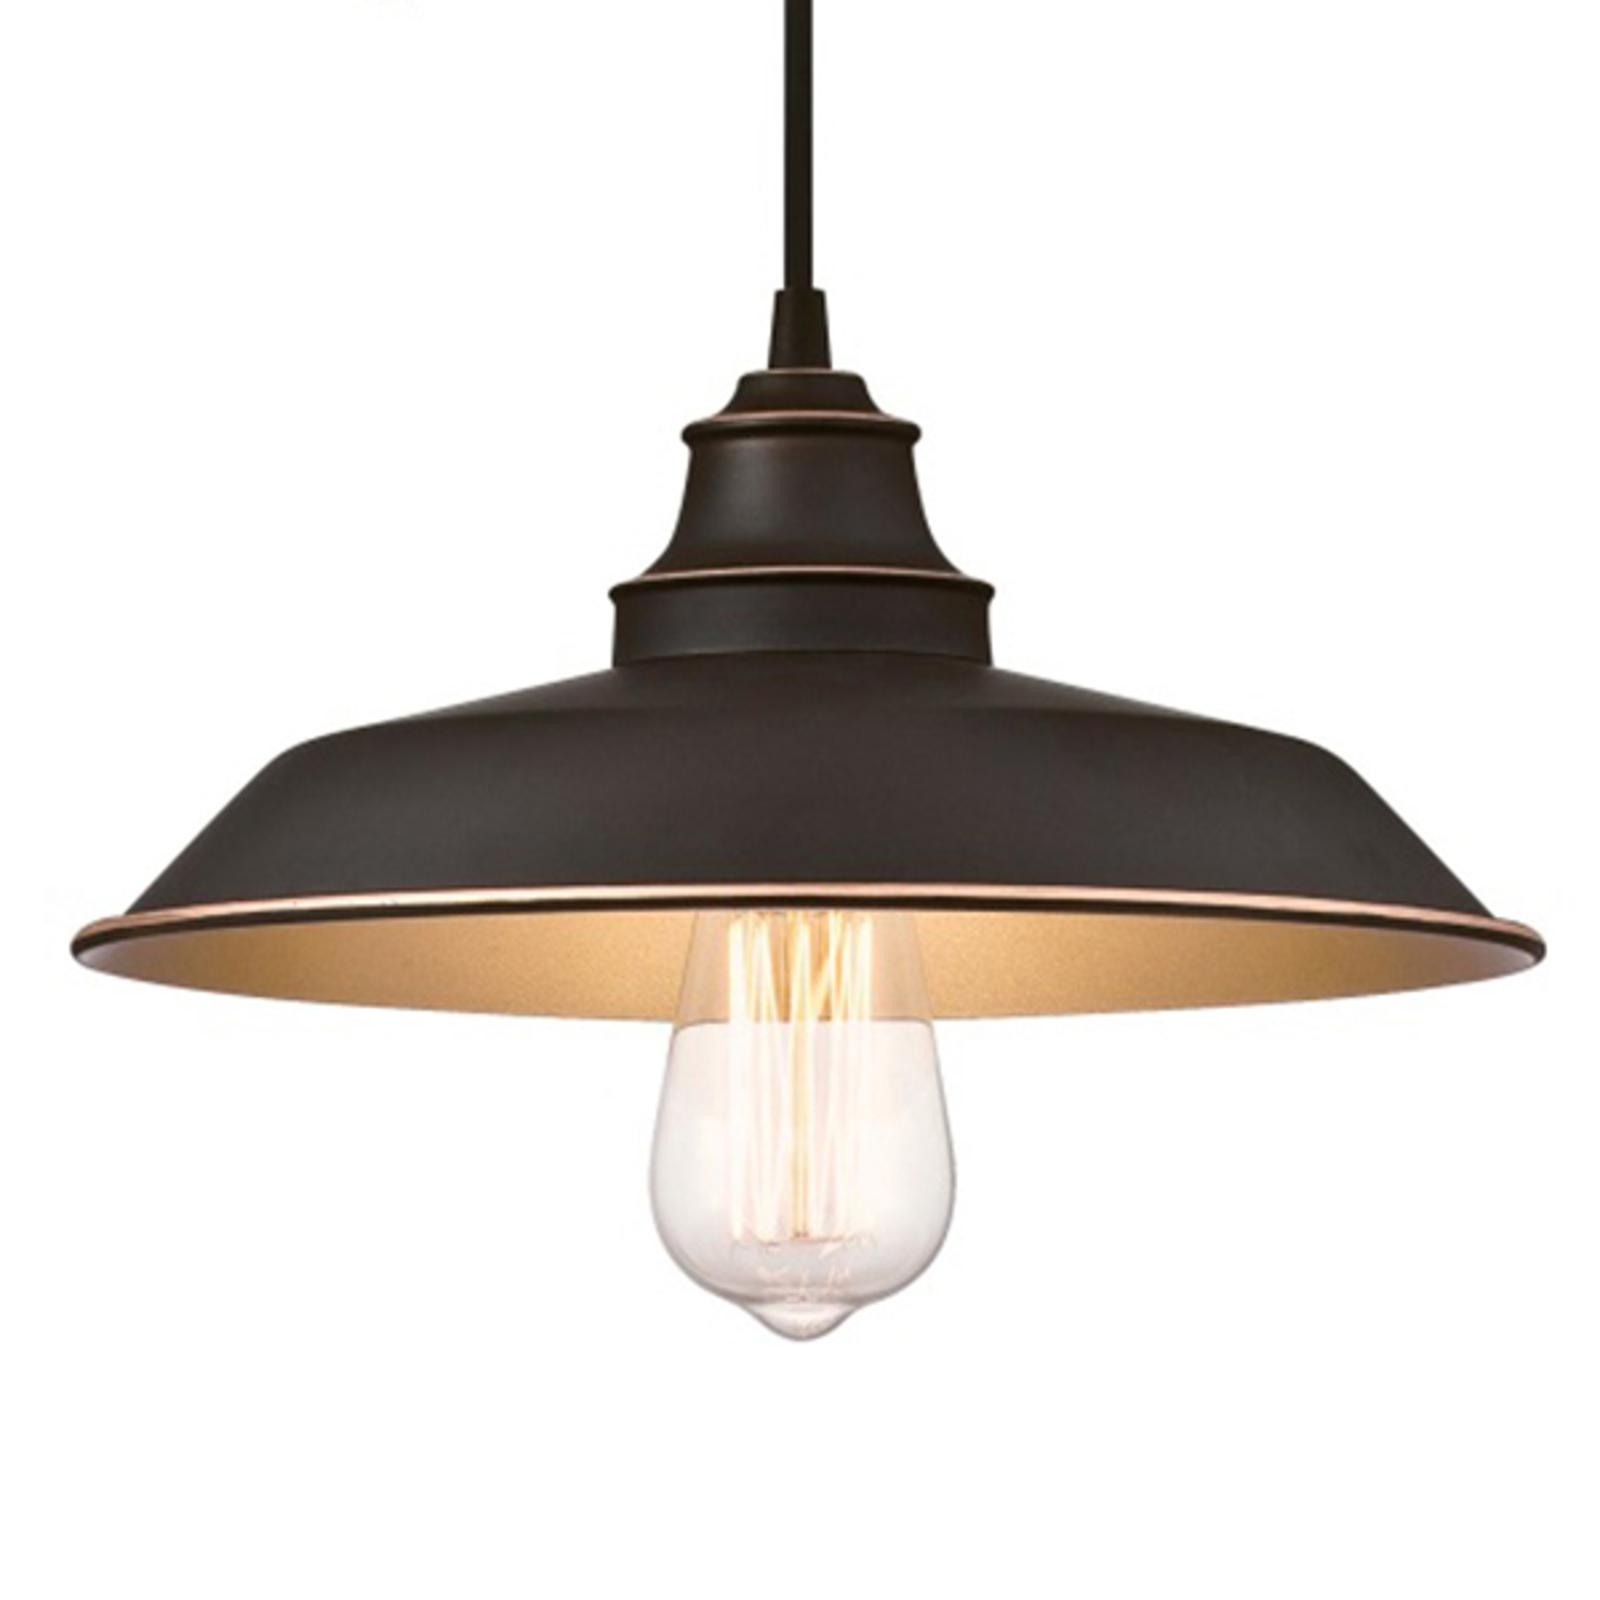 Westinghouse lampa wisząca Iron Hill, regulowana